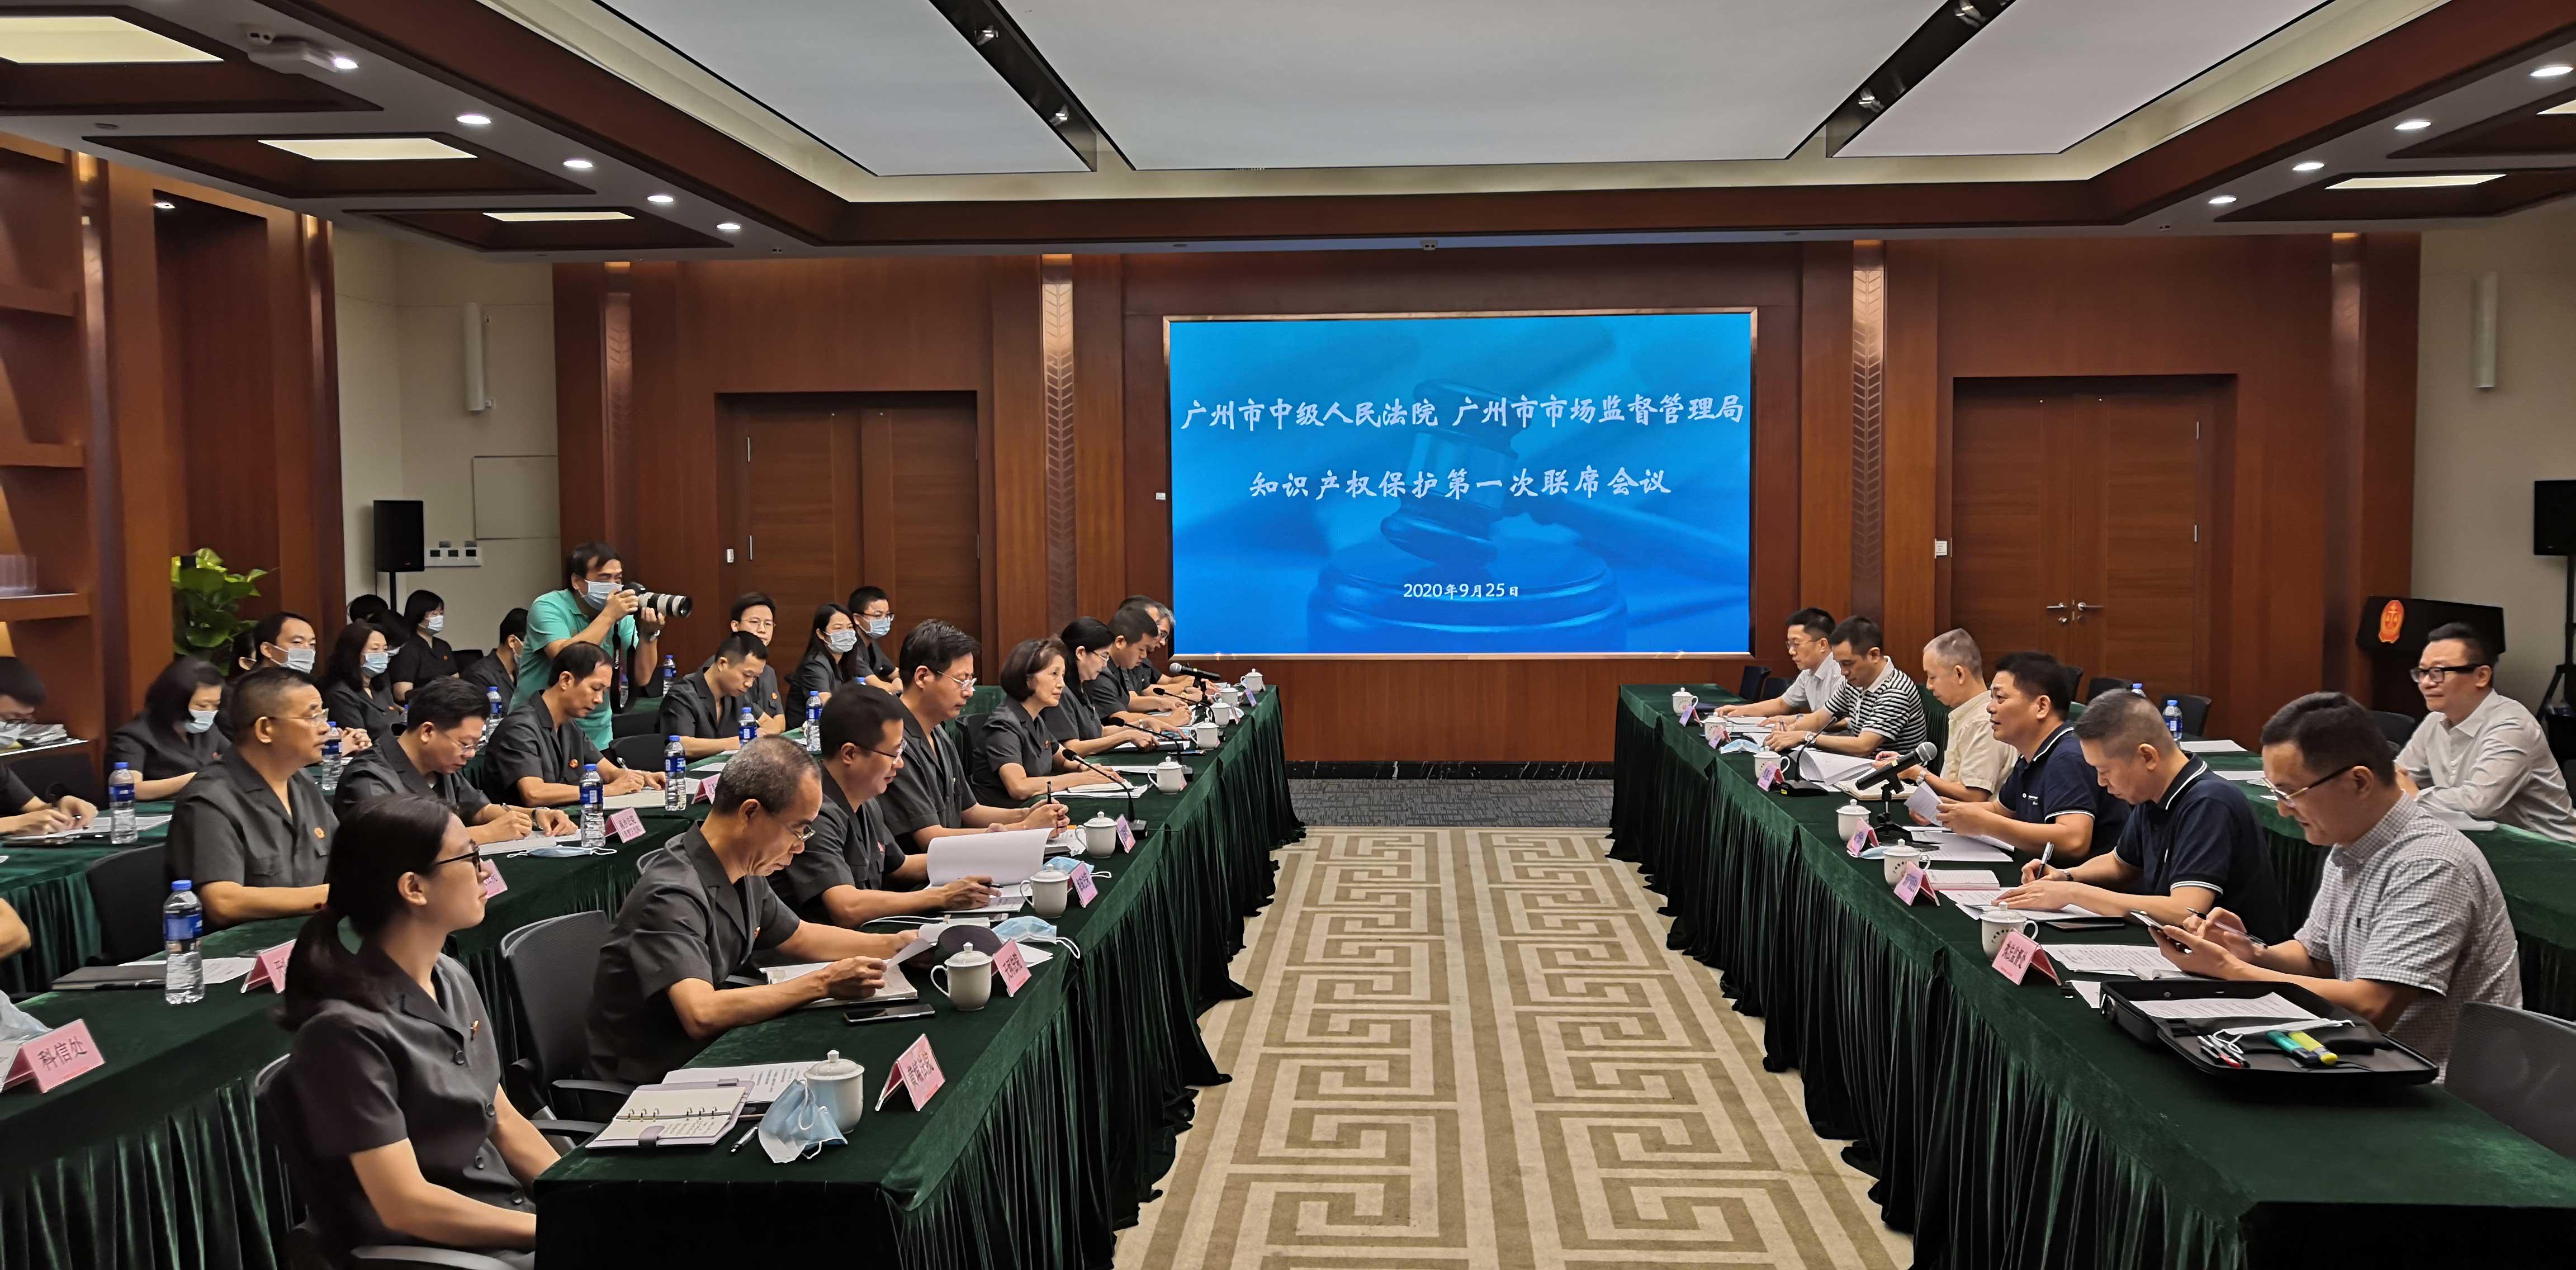 亮点频频,硕果累累!2020广州全面推进知识产权强市建设成效显著